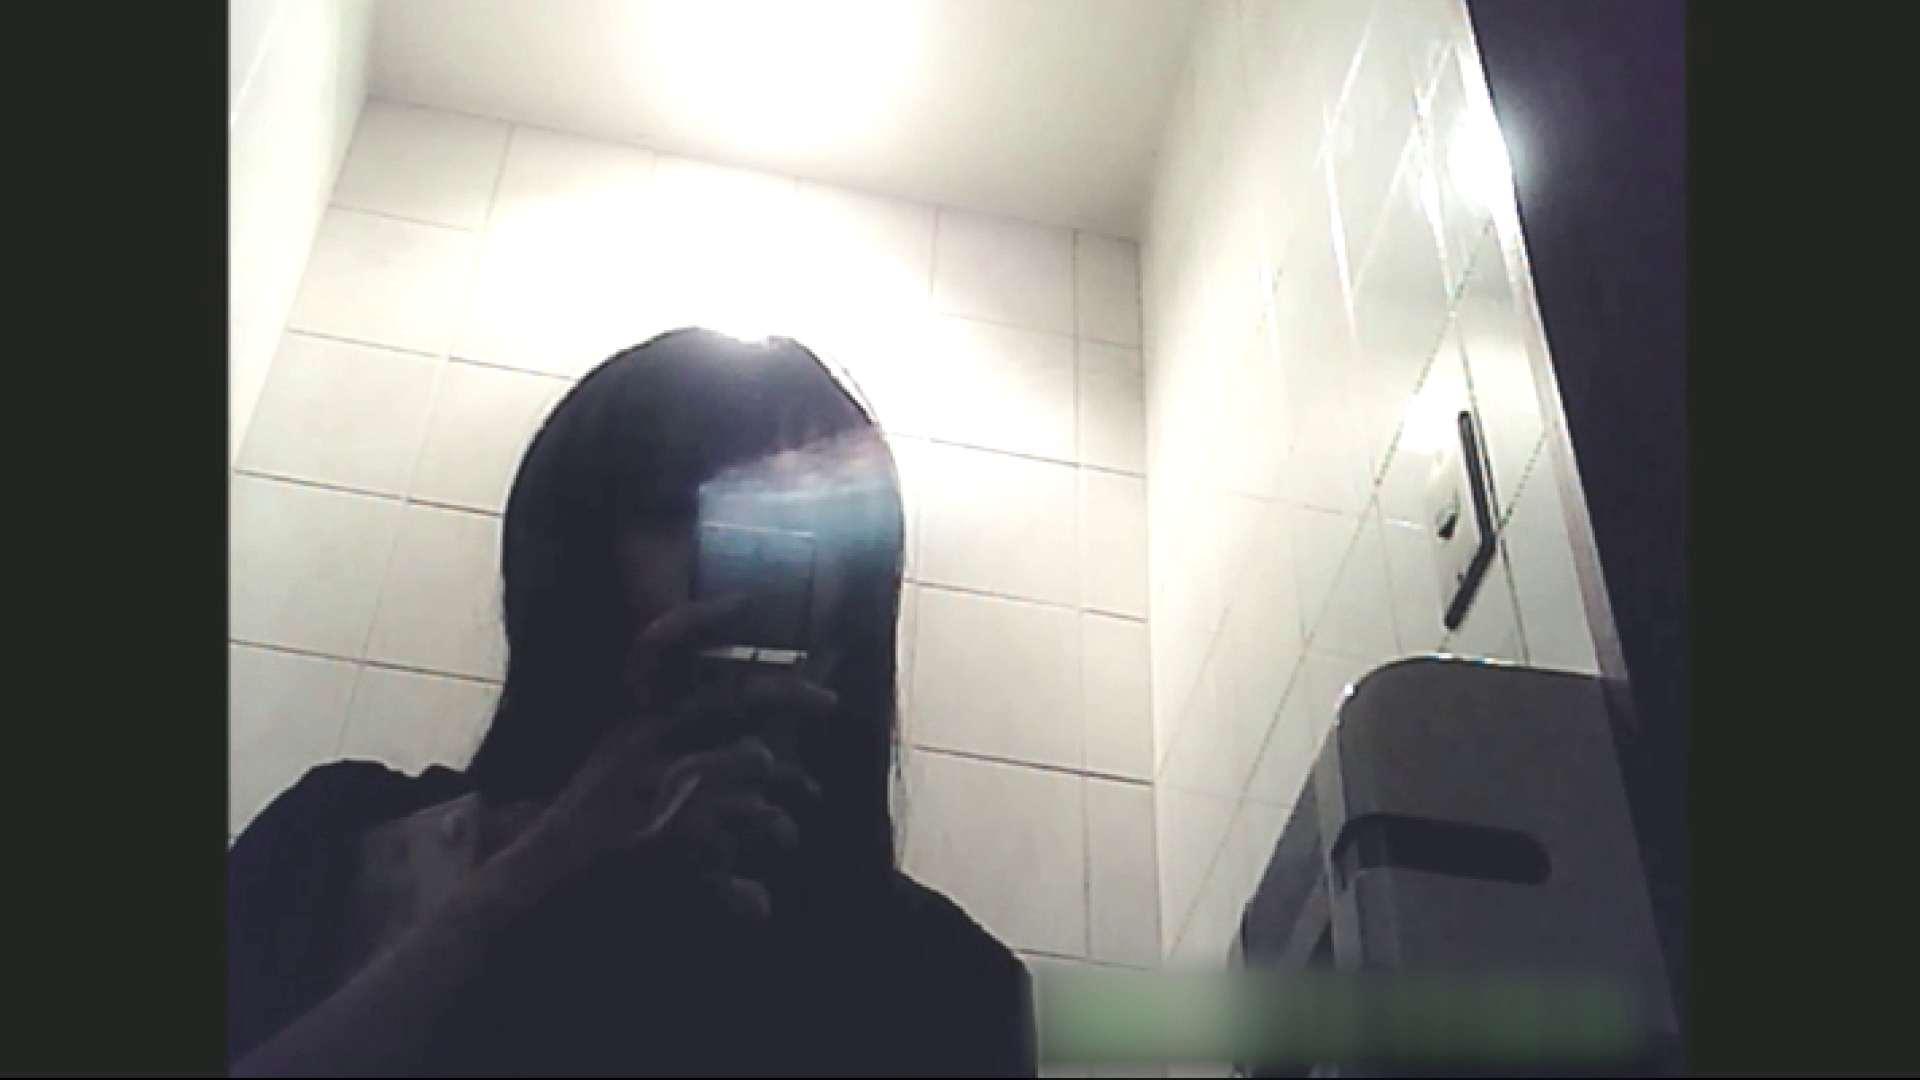 ティーンガールのトイレ覗き‼vol.02 女子大生のエロ動画 | ティーンガール  92PIX 67